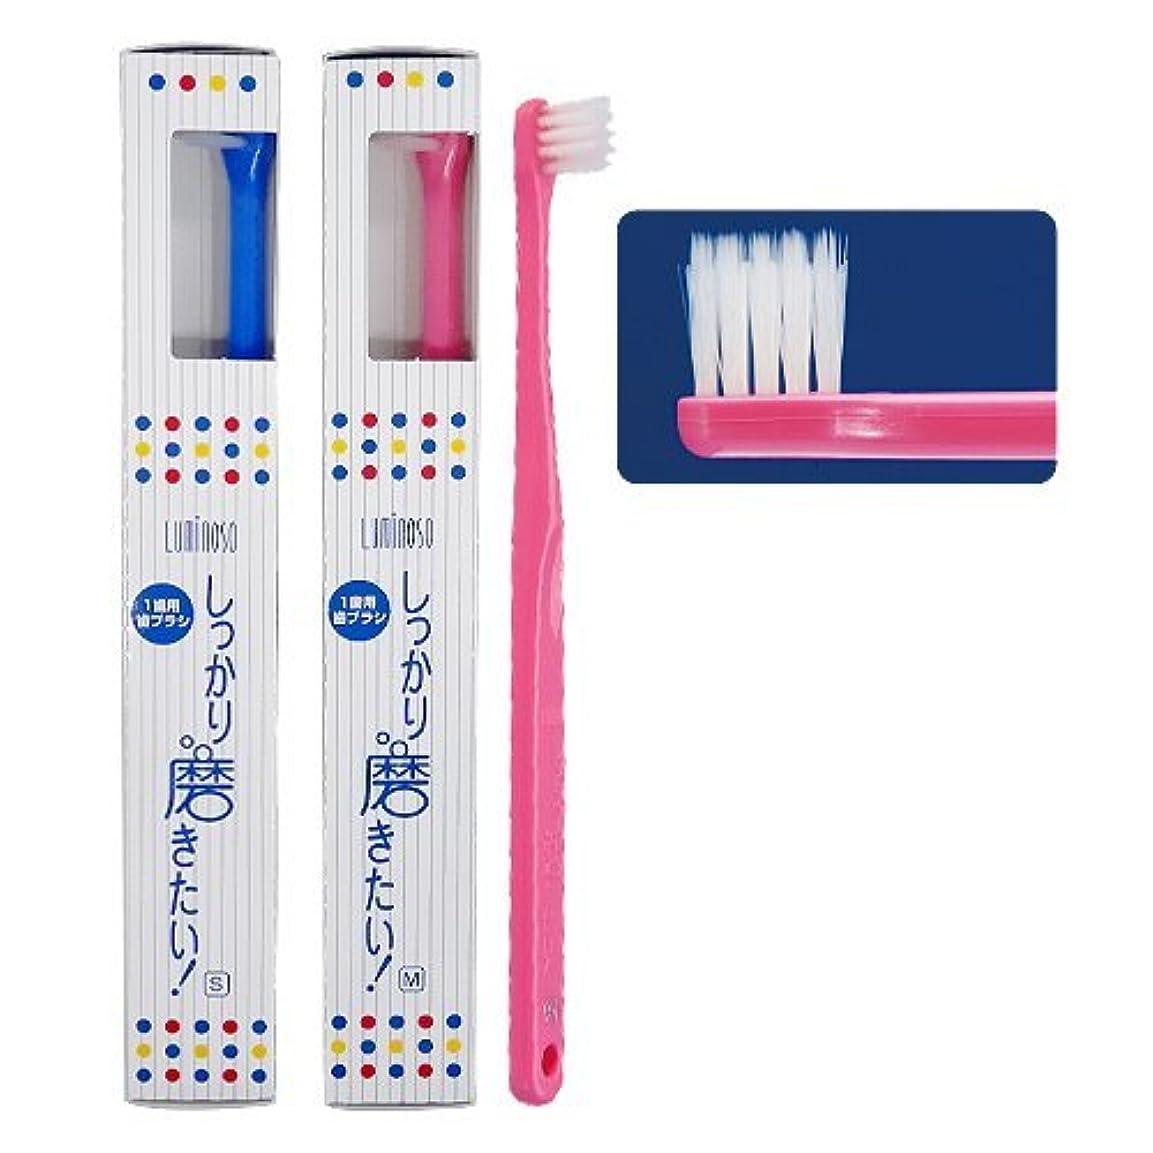 ルミノソ 1歯用歯ブラシ「しっかり磨きたい!」スタンダード ミディアム (カラー指定不可) 10本